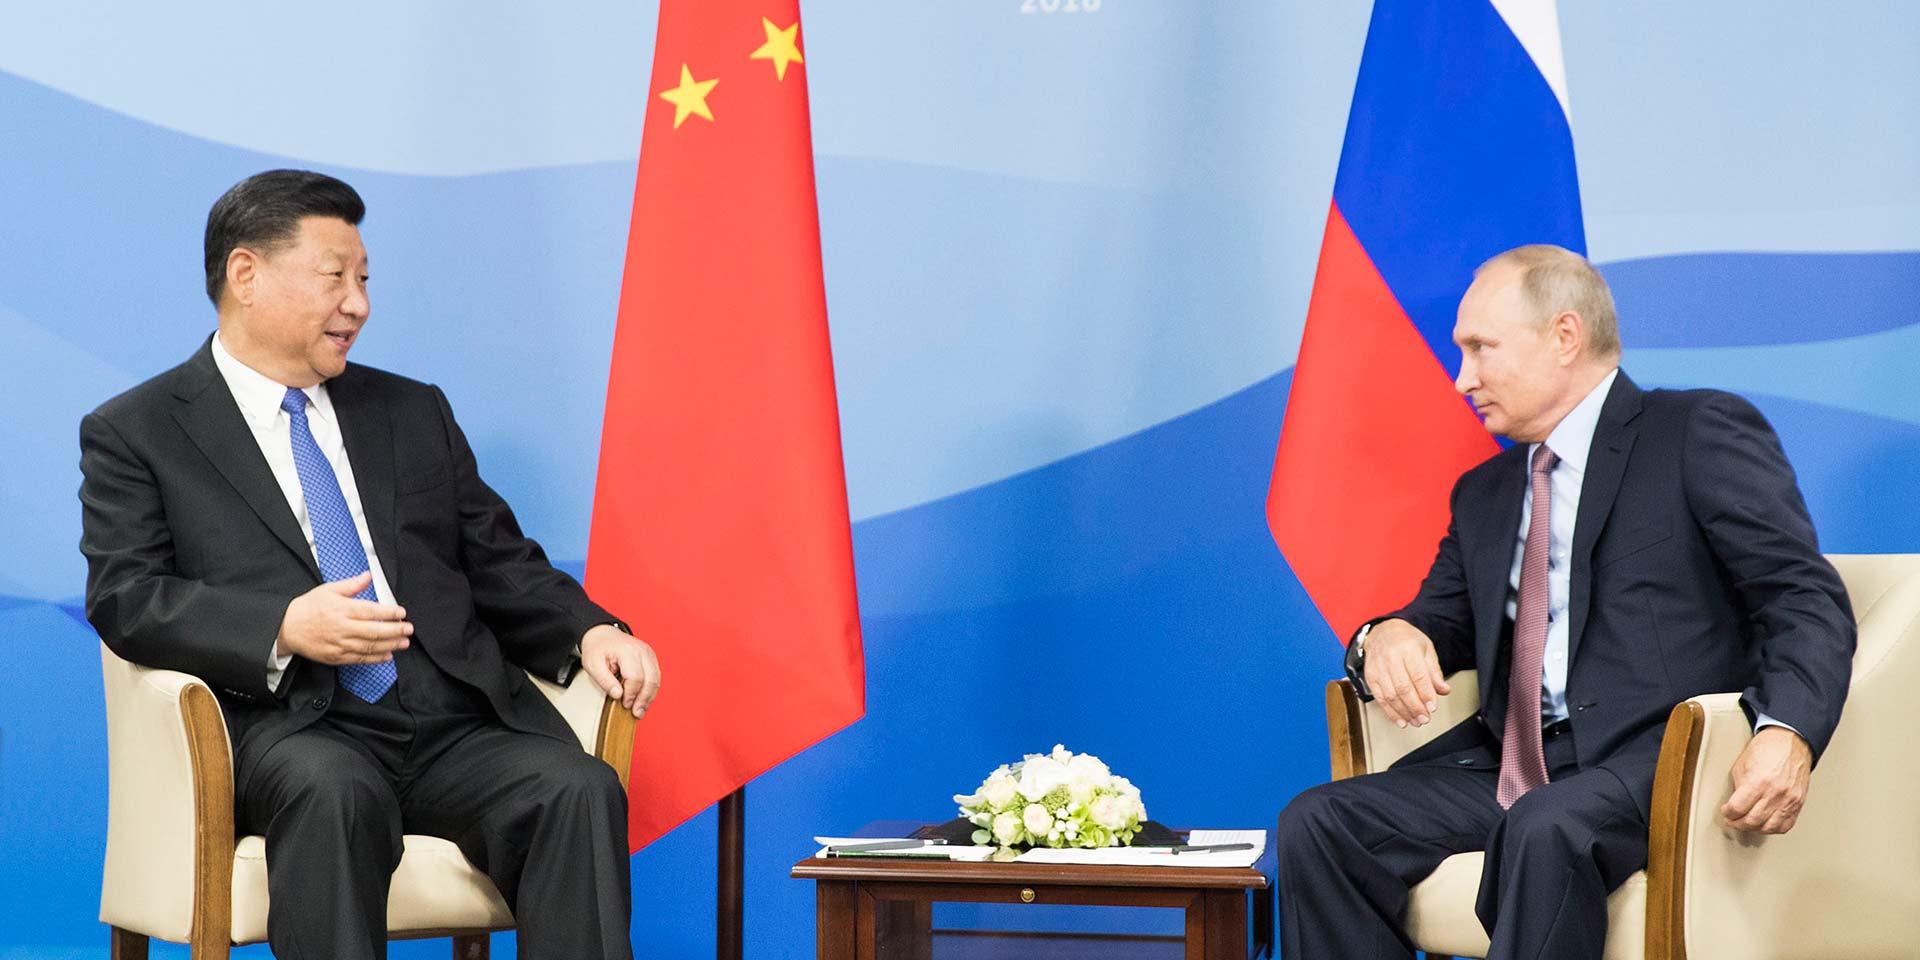 推动中俄全面战略协作伙伴关系再攀高峰,更好惠及两国人民。